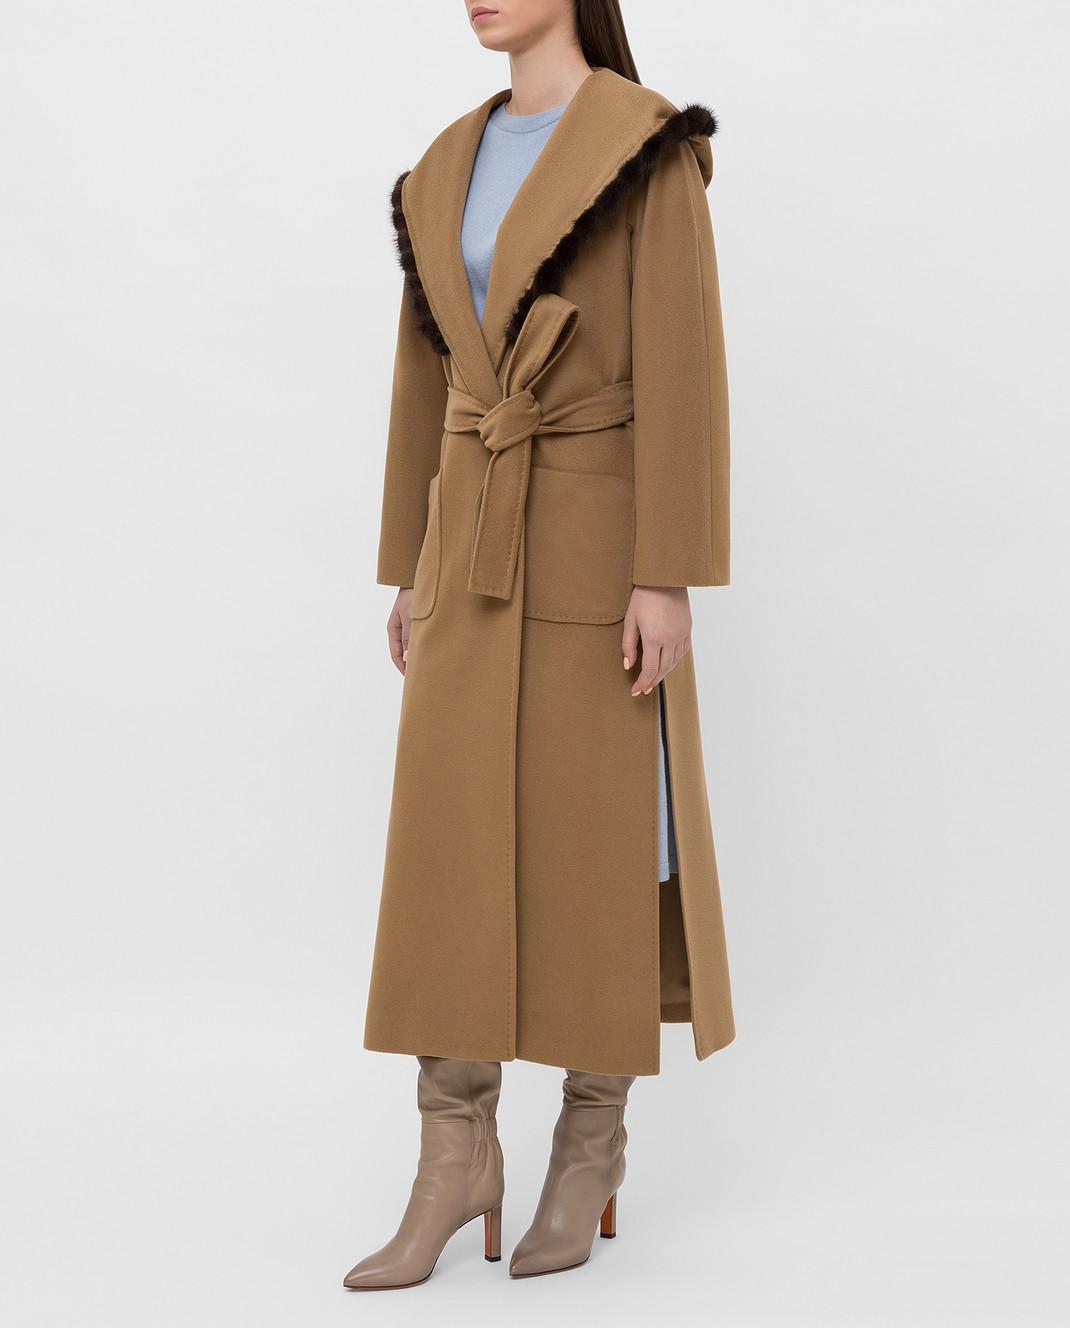 Heresis Бежевое пальто из шерсти M33130VIF260 изображение 3